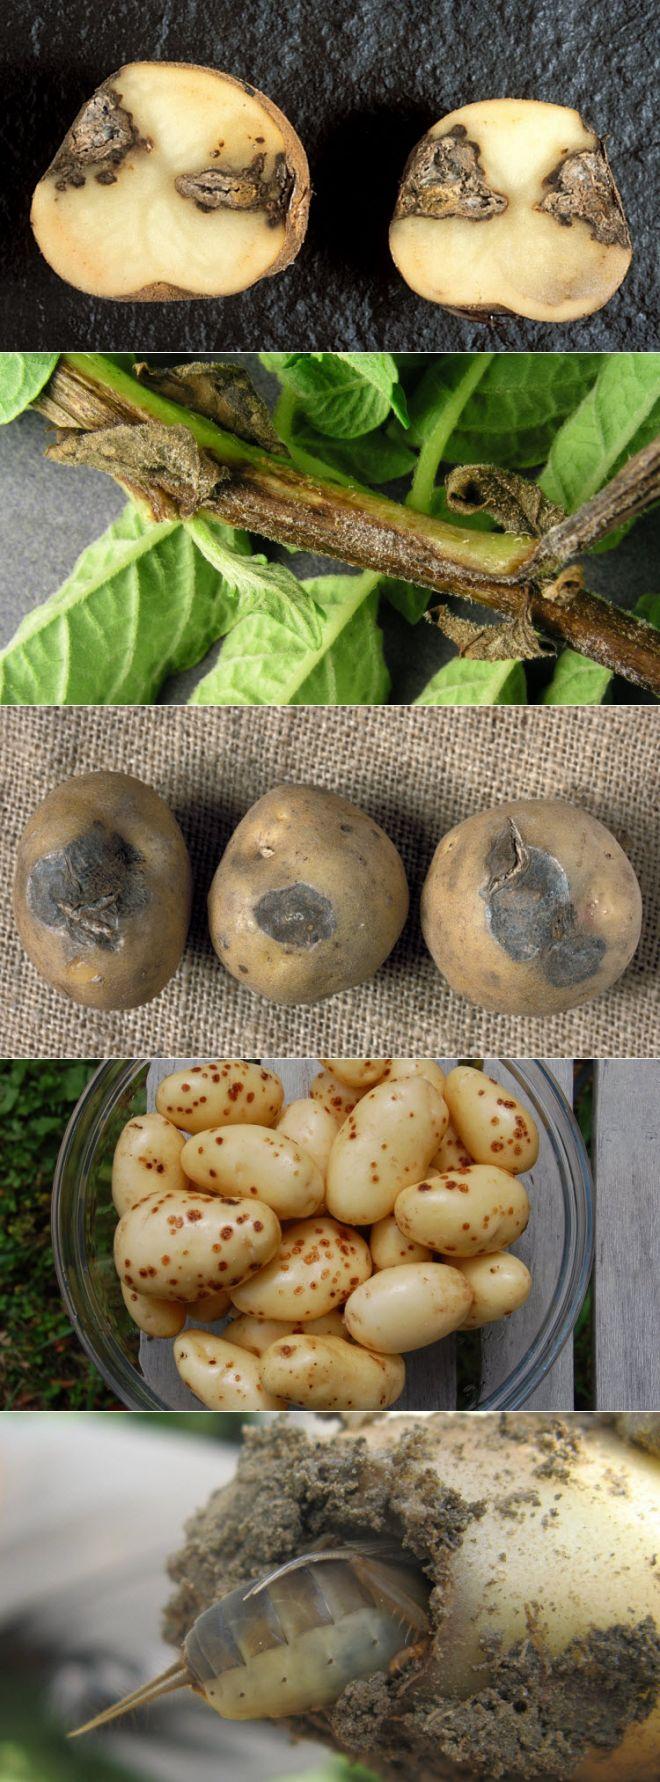 Болезни и вредители картофеля: признаки и способы защиты